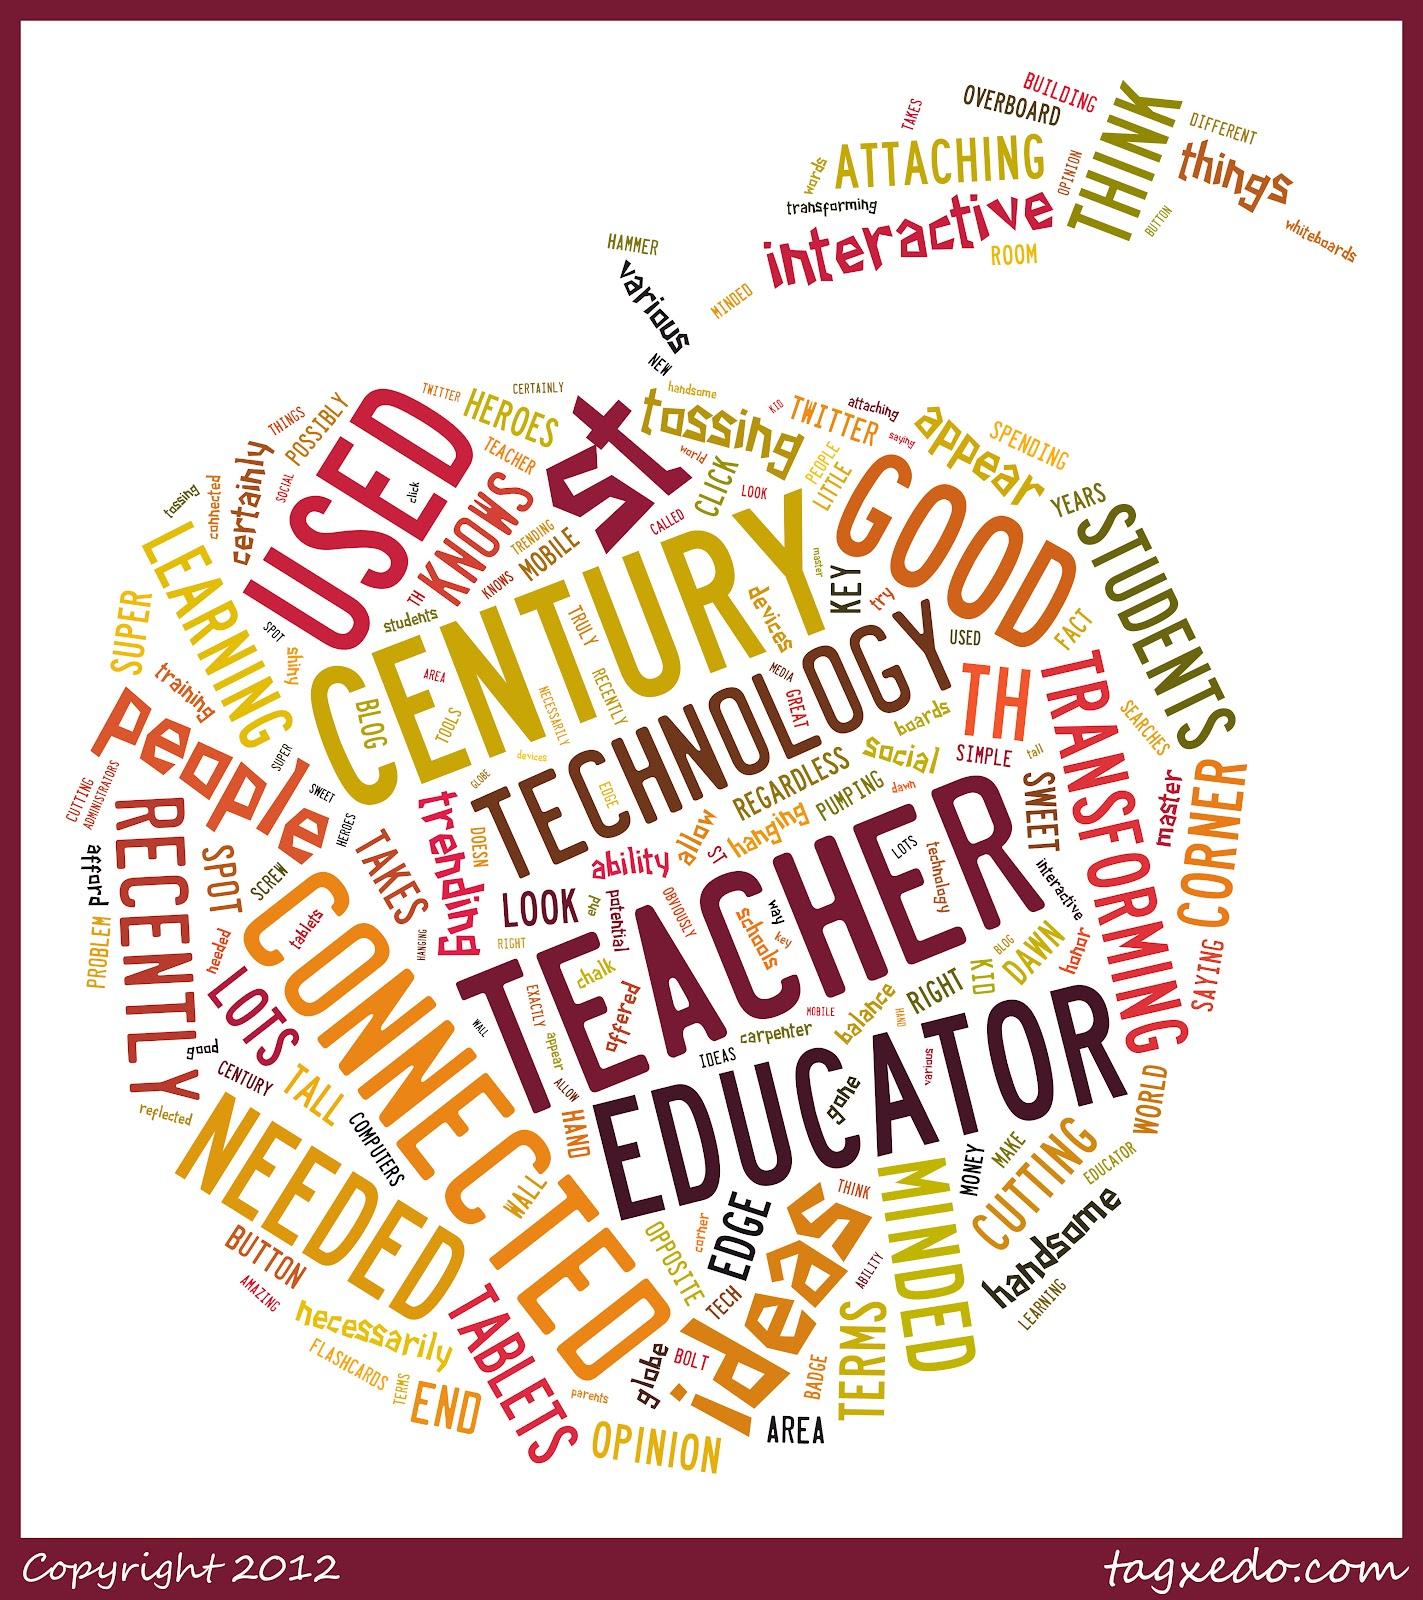 21st Century Learning Expertise – Laurel Felt, PhD